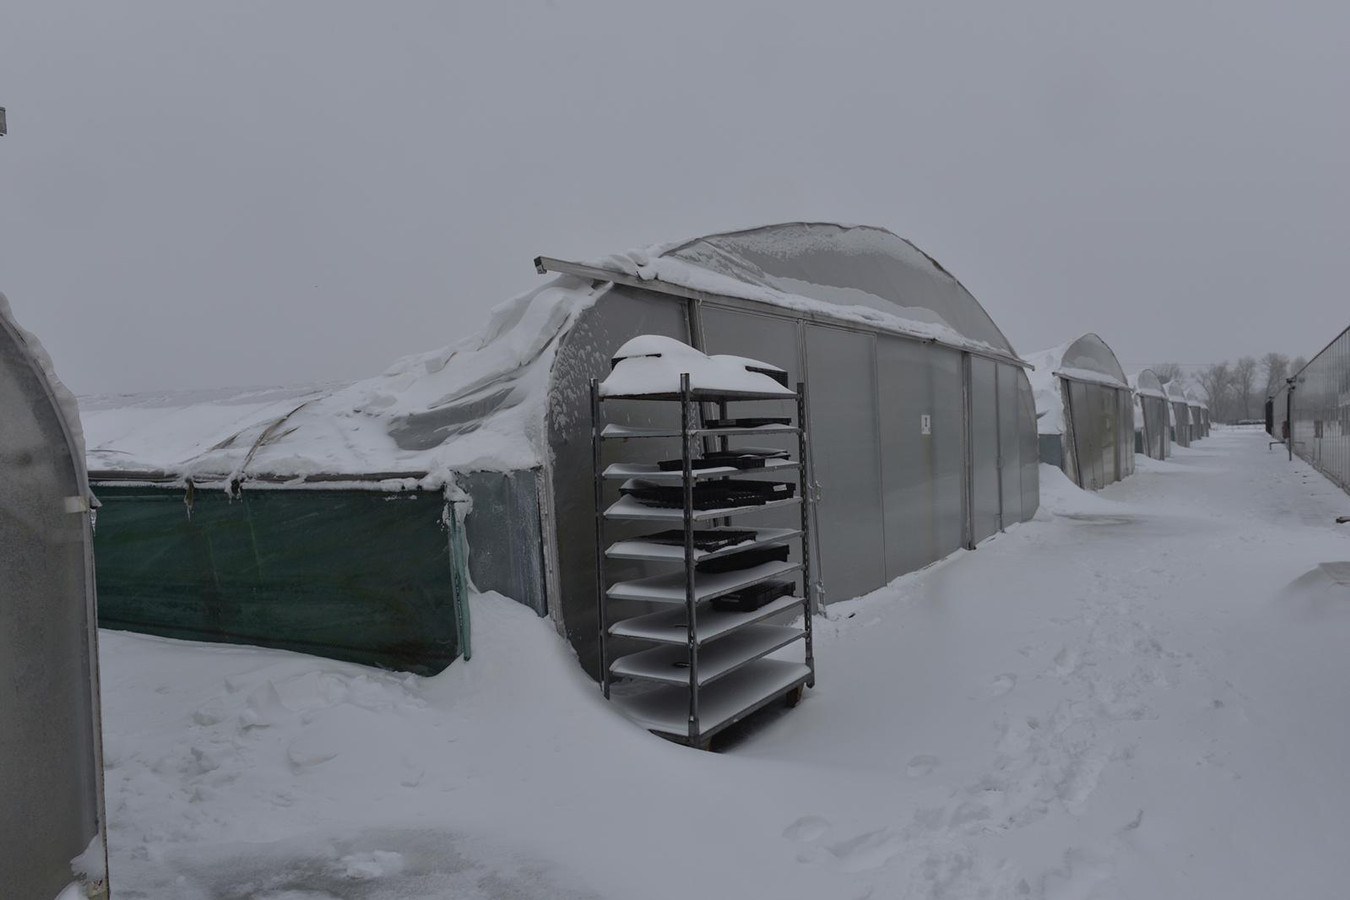 De tunnels van de Ergon kwekerij op Bokt zijn ingestort onder het dikke pak sneeuw.